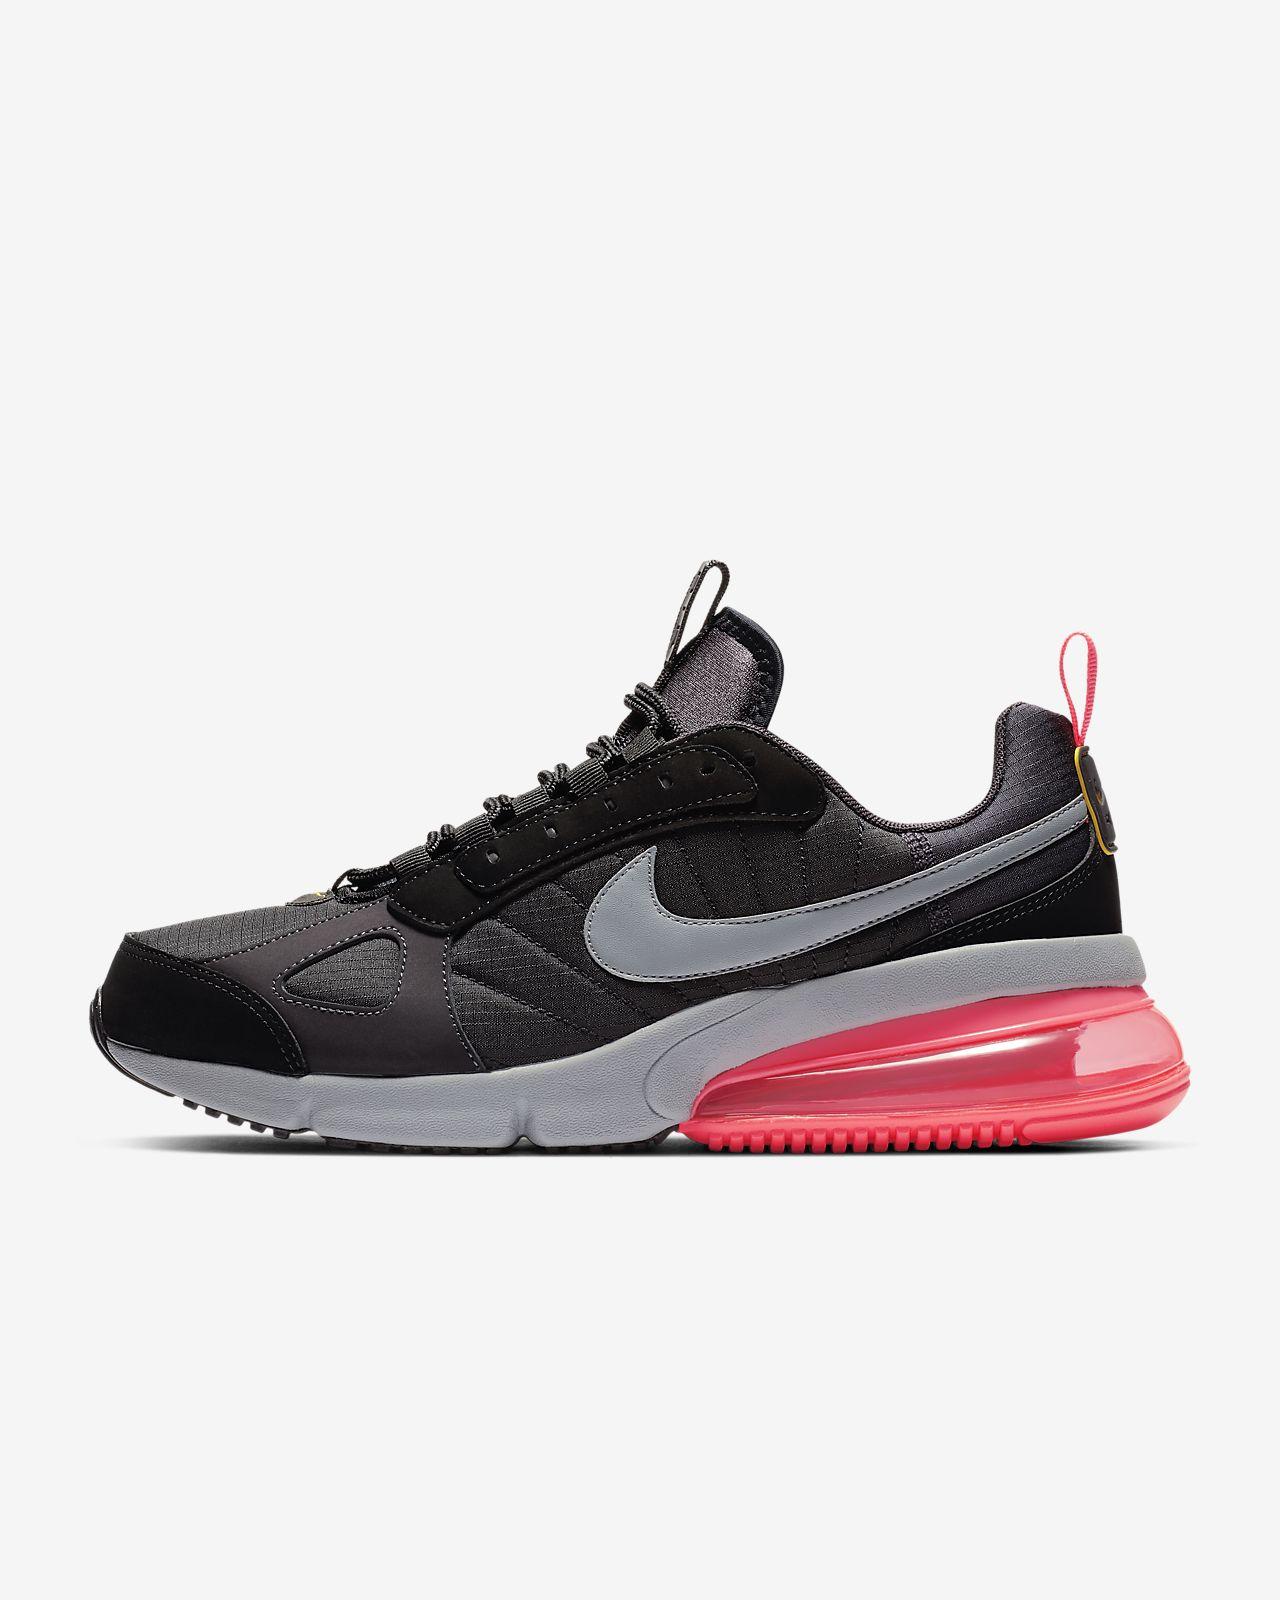 huge discount 62747 a3c7e ... rød sort hvid 13853 69e48  italy nike air max 270 futura sko til mænd  0d8e7 f066d